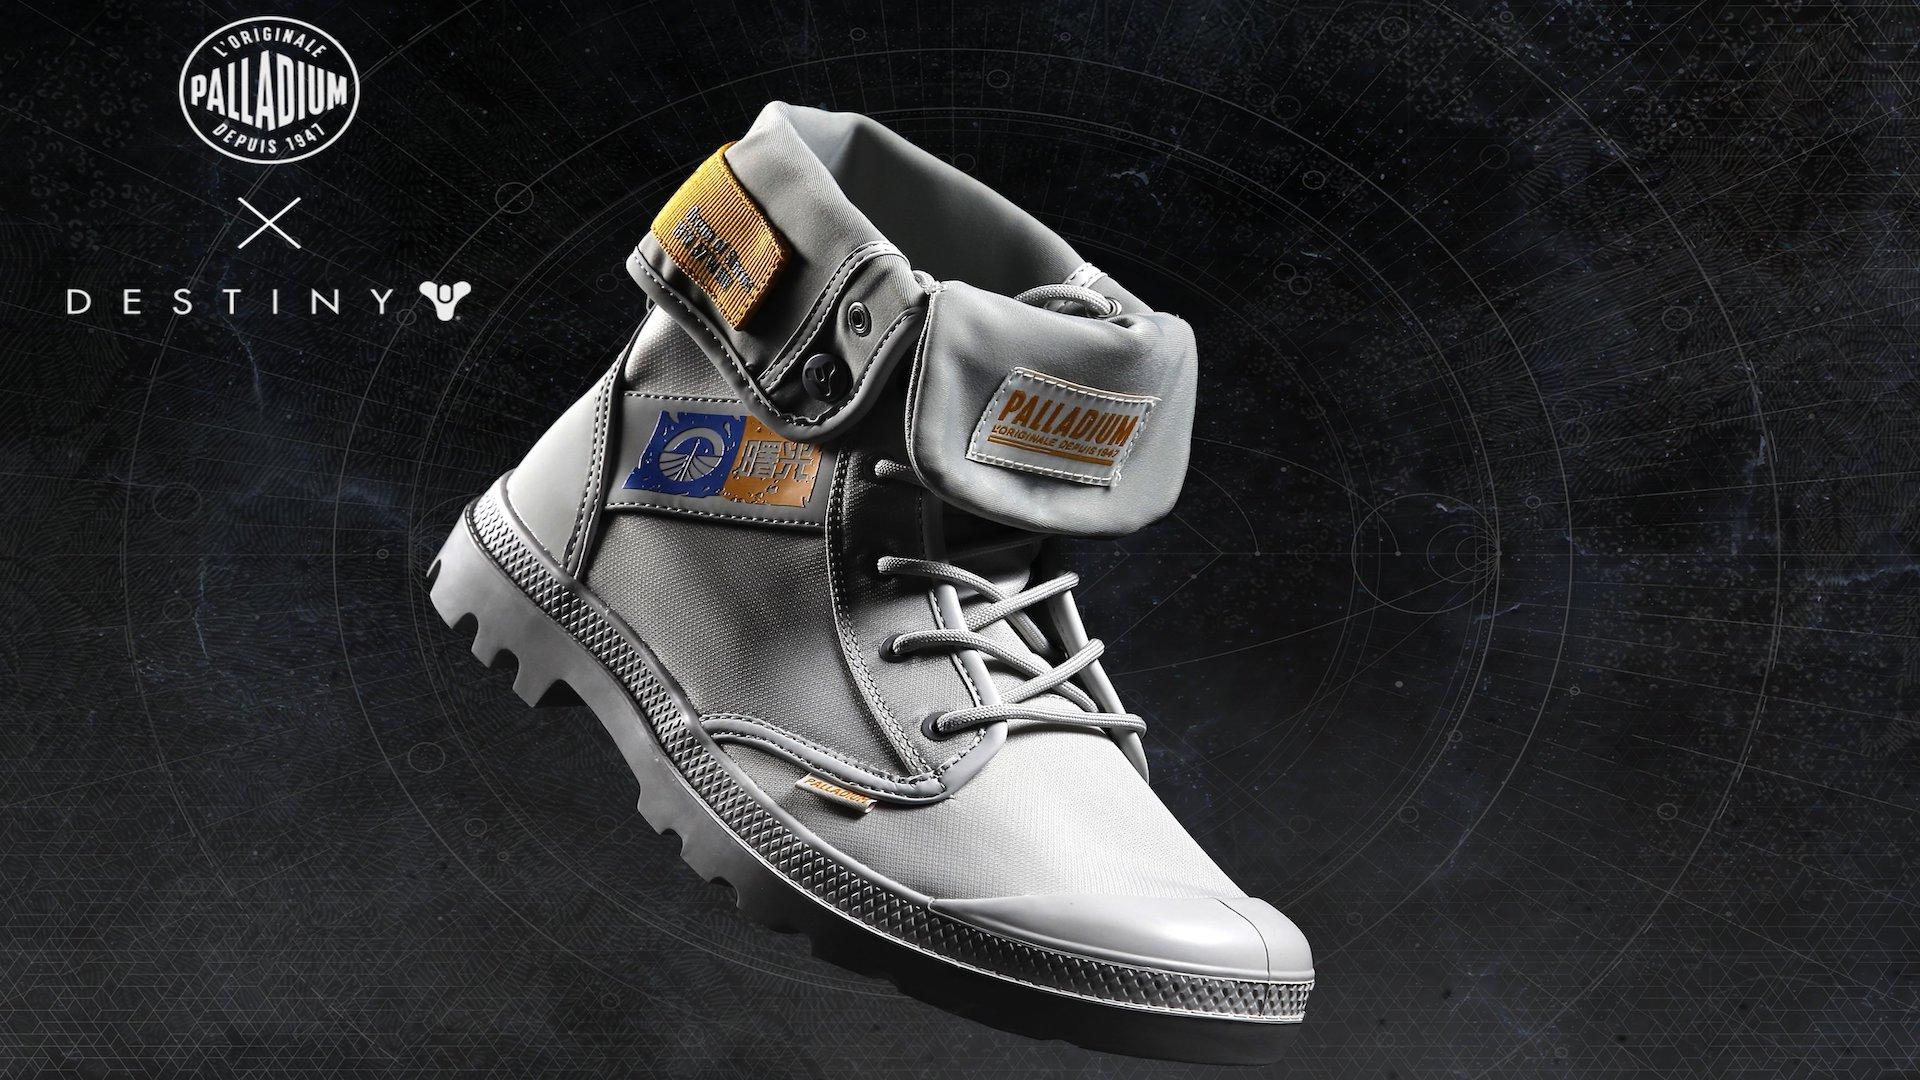 Palladium annonce un modèle Destiny 2 avec Bungie